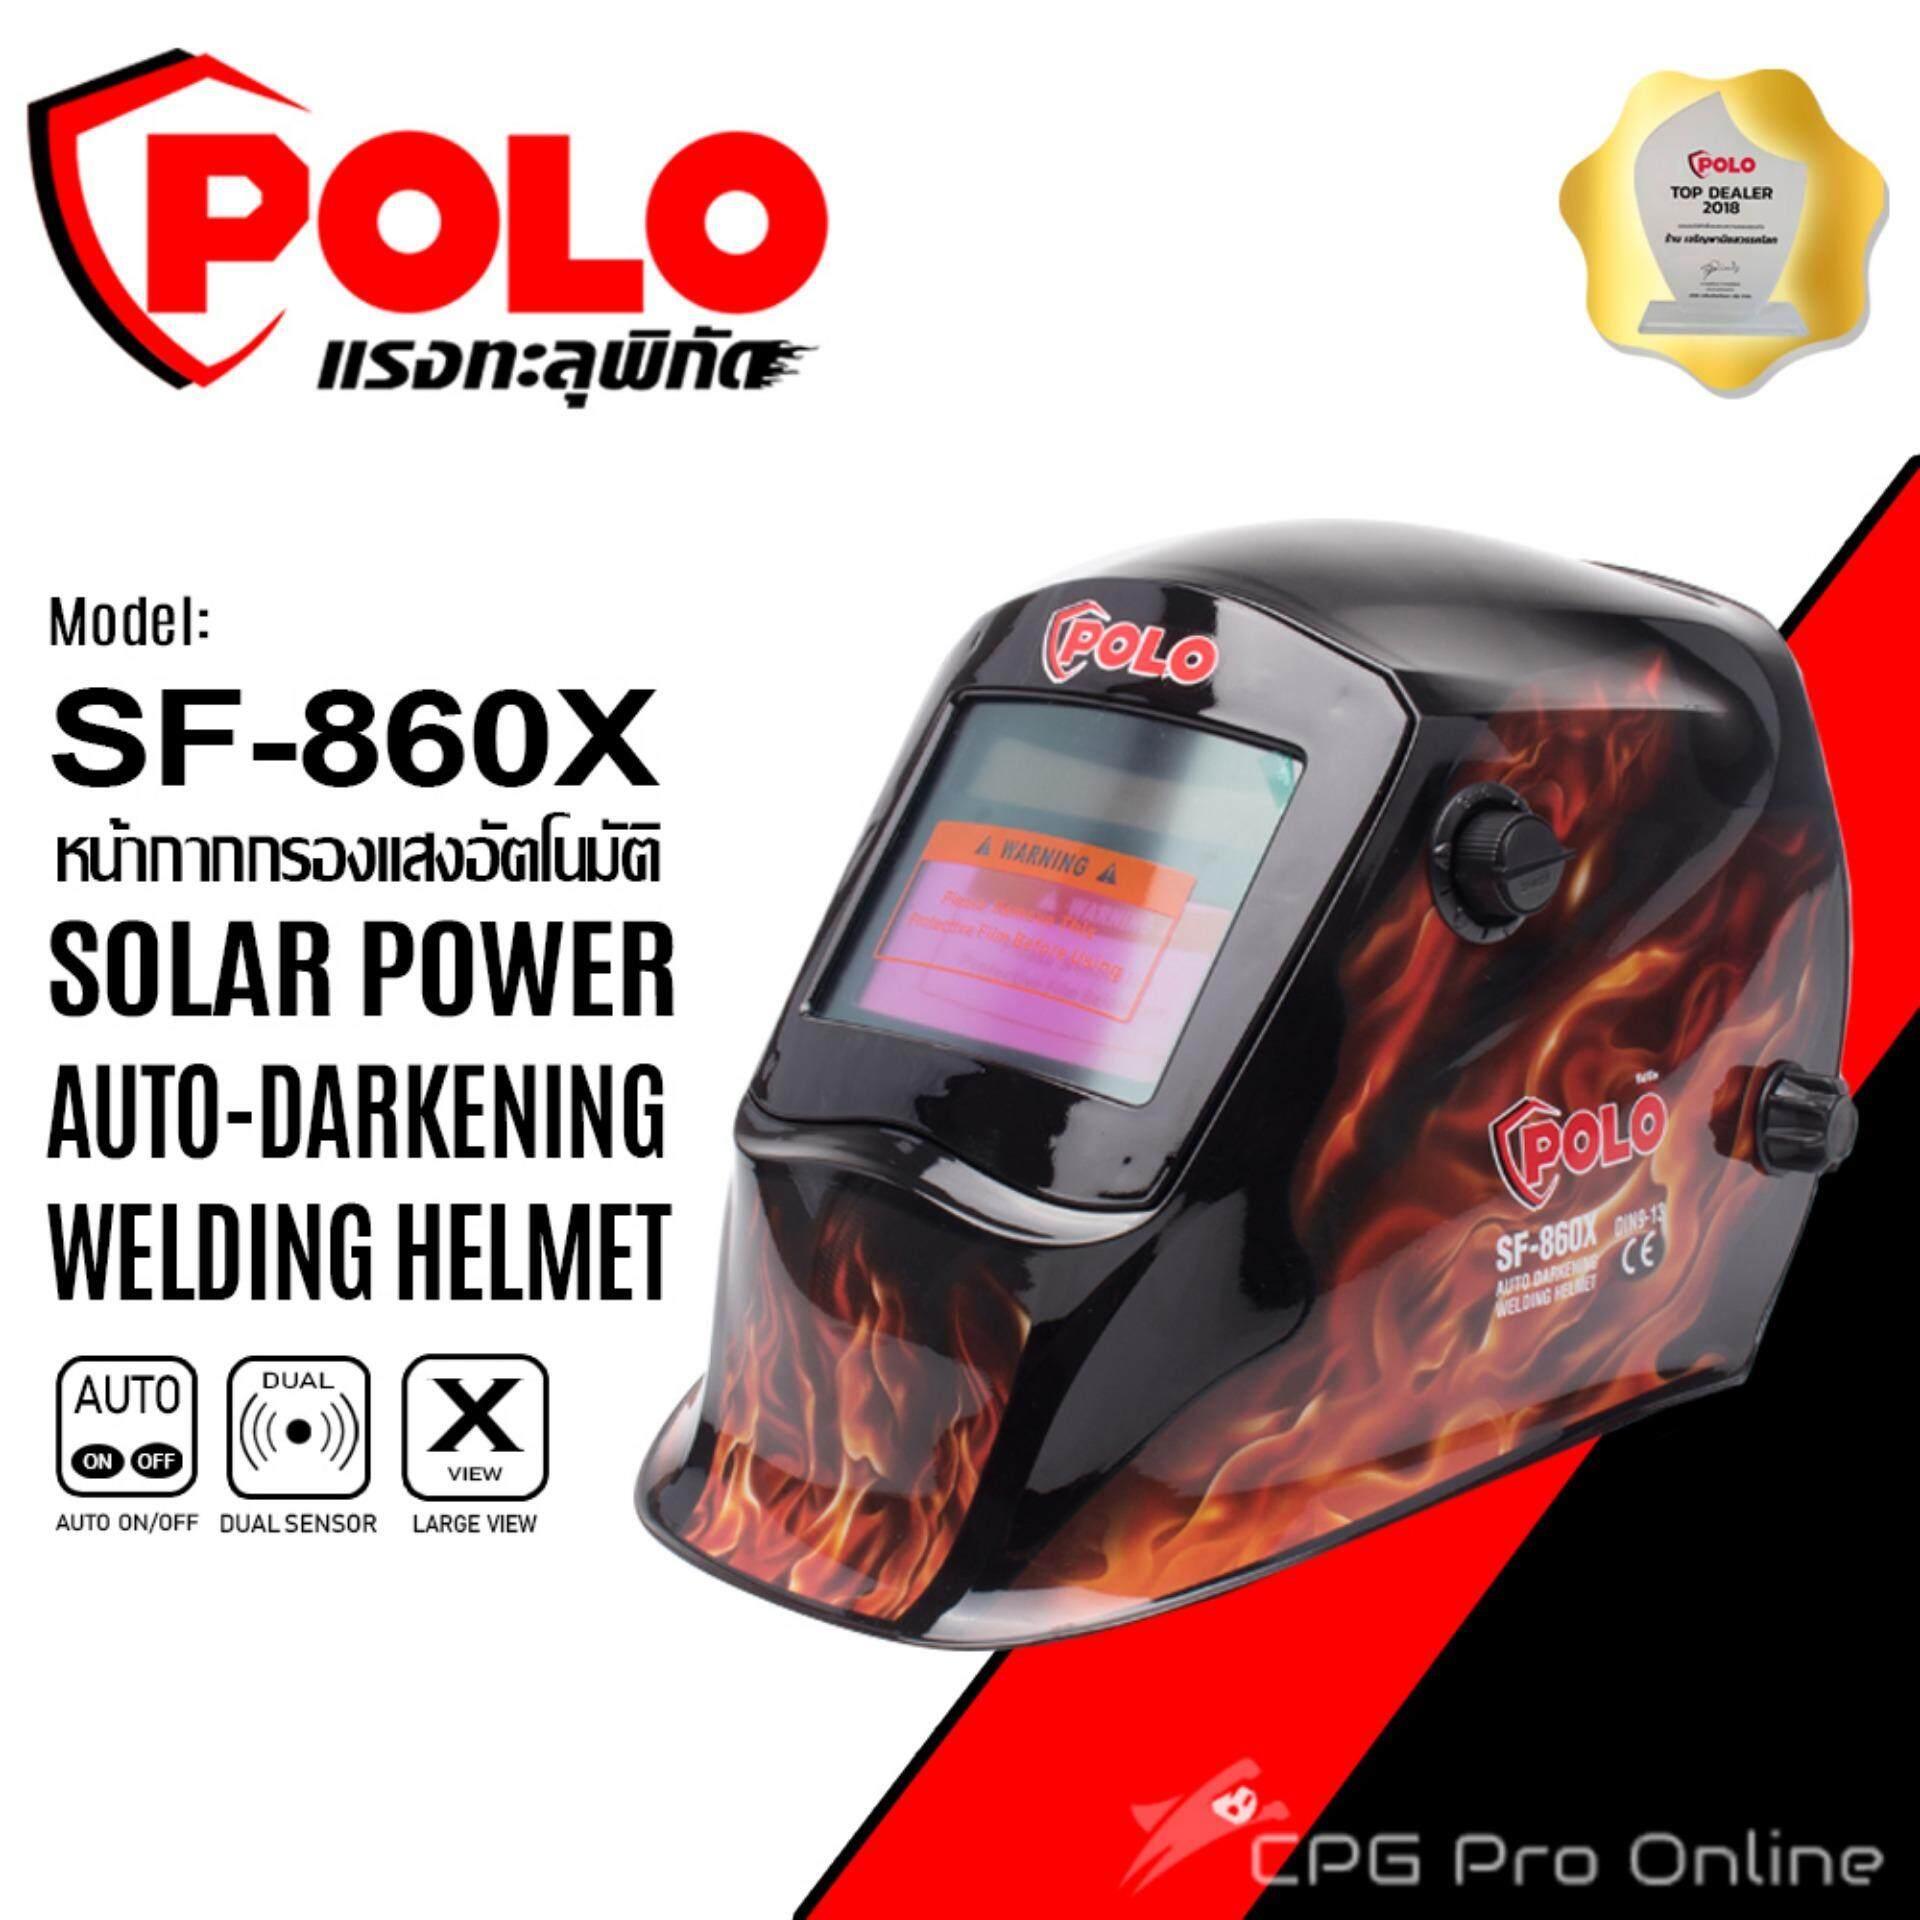 POLO หน้ากากกรองแสงอัตโนมัติ ดีไซน์สุดเท่ห์(เปลี่ยนแบตได้) รุ่น ซุปเปอร์พรีเมี่ยม SF-860X (เทพมาก!! มีปุ่มปรับความเข้ม DIN9-13ม, ปรับ Delay Time 0.2-1.0วินาที, ใช้ได้กับพลังงานแสงอาทิตย์ และ Li-แบตเตอรี่ เชื่อมในร่ม)